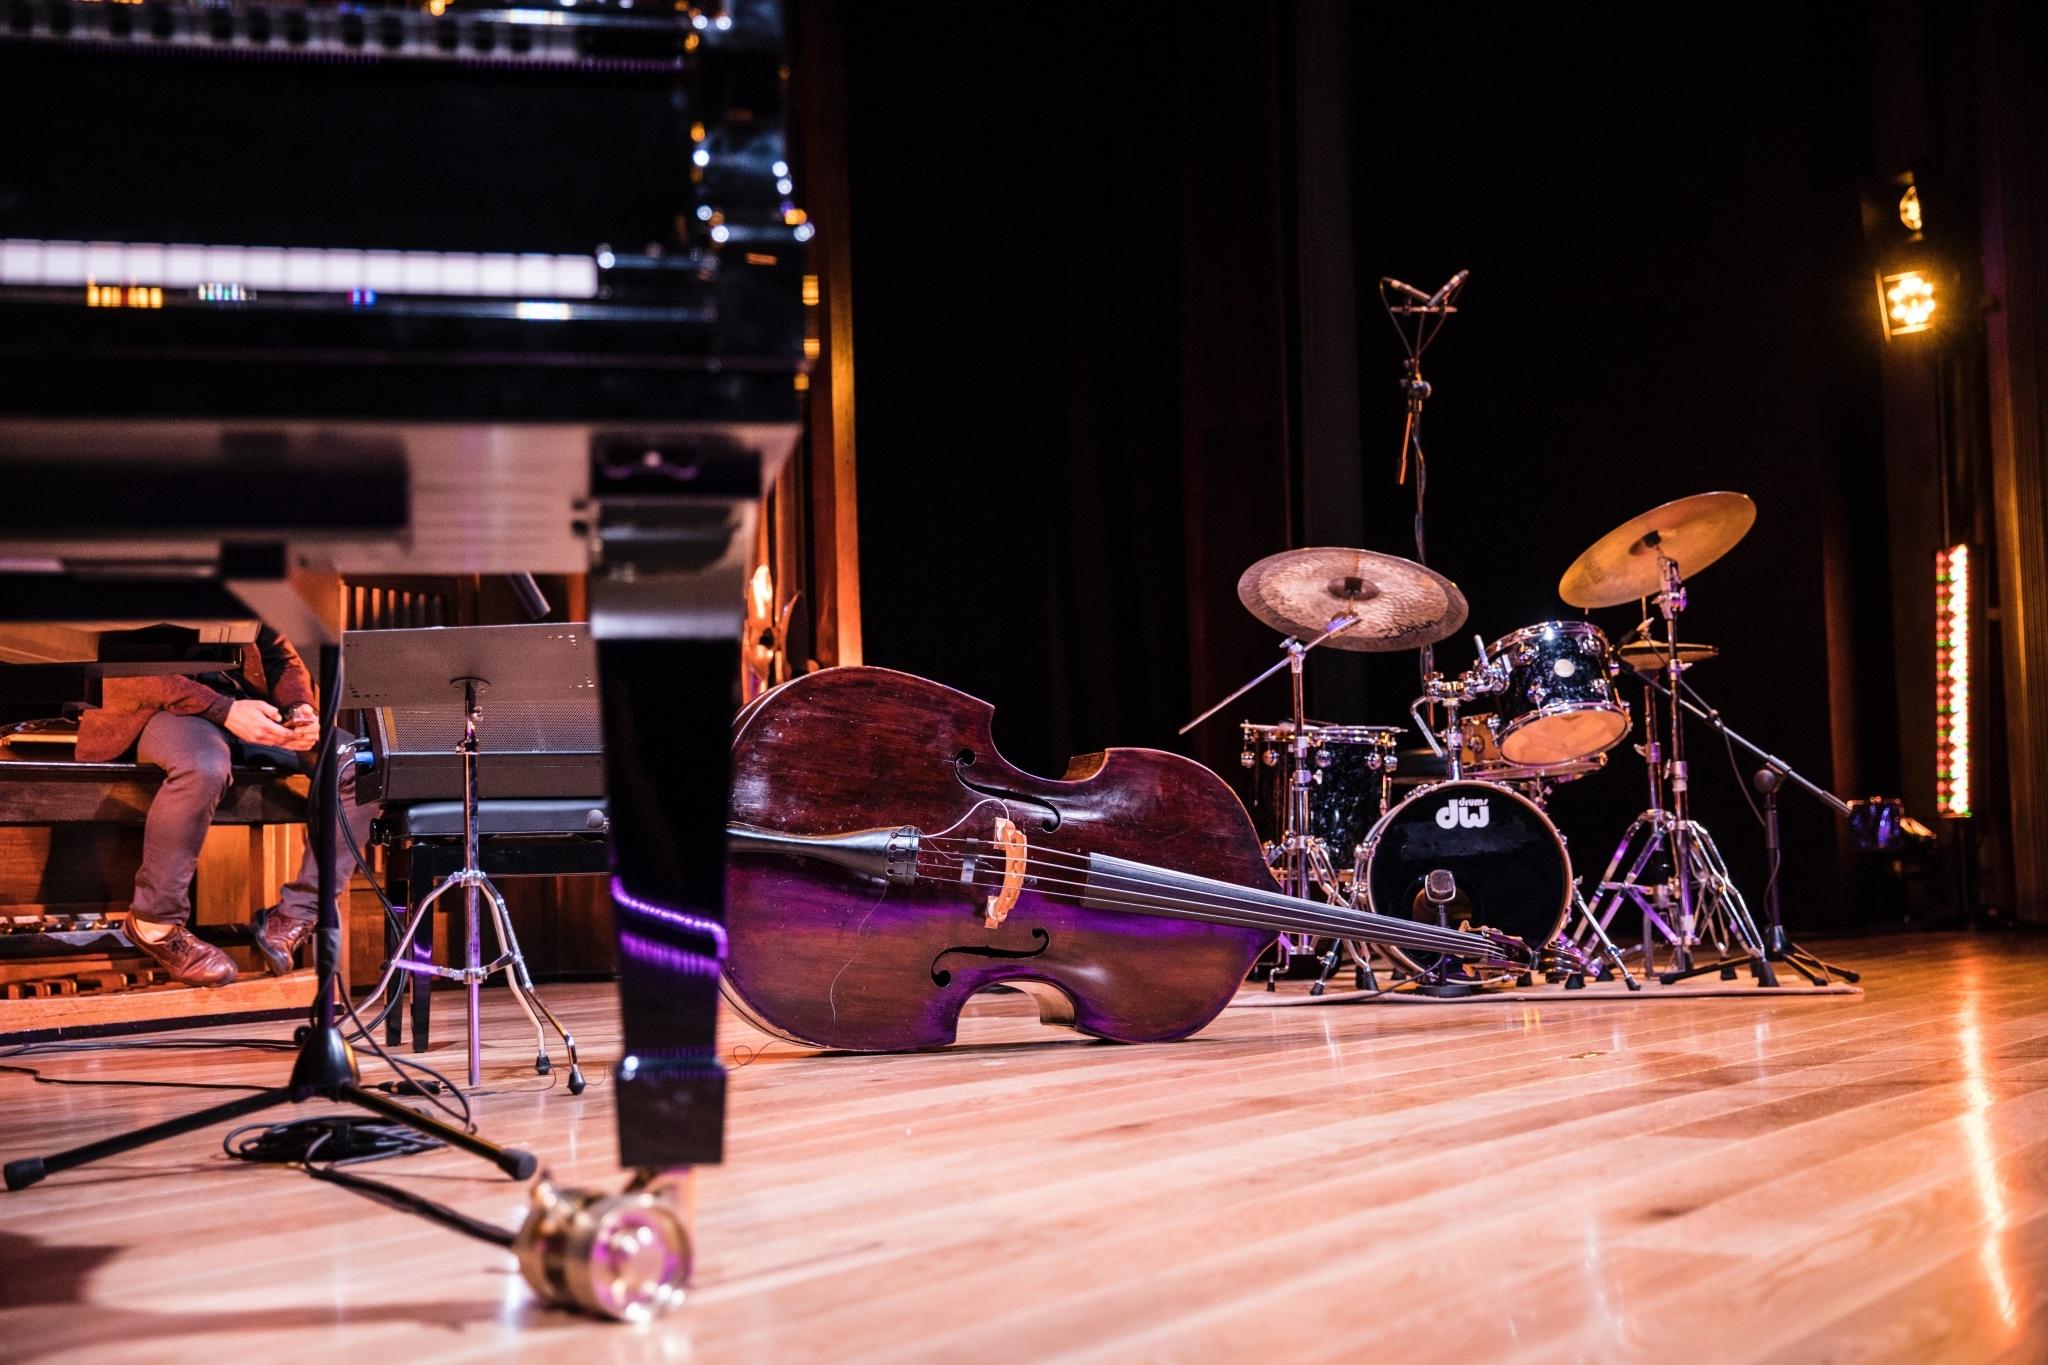 Konzertfoto von Klavier, Cello und Schlagzeug